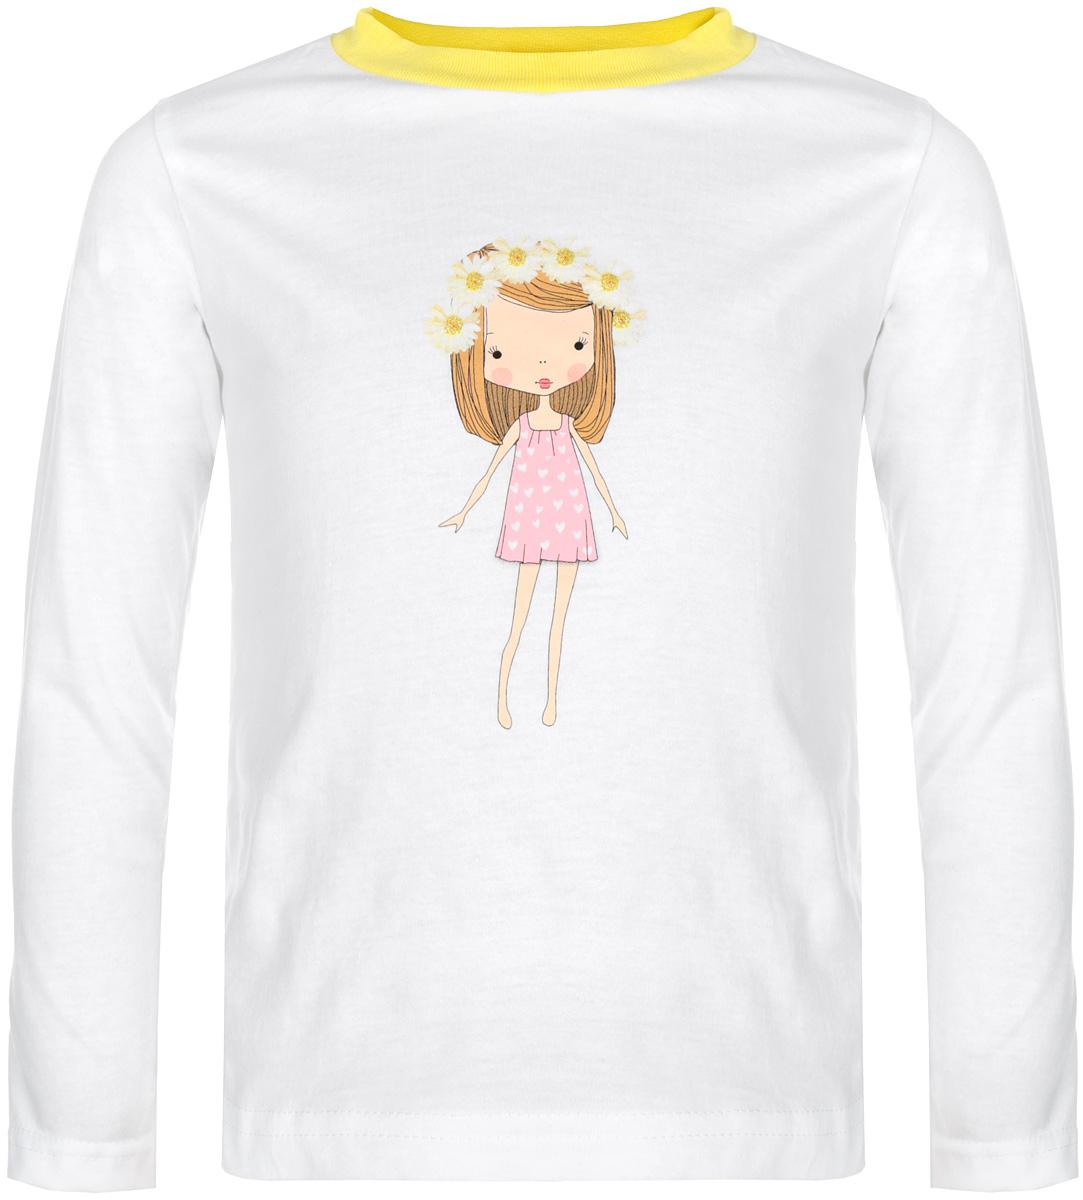 Футболка с длинным рукавом для девочки КотМарКот, цвет: белый, желтый. 15562. Размер 86, 18 месяцев15562Стильная футболка с длинным рукавом для девочки КотМарКот идеально подойдет вашей моднице. Изготовленная из натурального хлопка, она мягкая и приятная на ощупь, не сковывает движения и позволяет коже дышать, не раздражает даже самую нежную и чувствительную кожу ребенка, обеспечивая наибольший комфорт. Футболка прямого кроя с длинными рукавами и круглым вырезом горловины оформлена изображением очаровательной девочки с венком на голове, украшена блестками. Вырез горловины дополнен трикотажной эластичной резинкой.Современный дизайн и модная расцветка делают эту футболку стильным предметом детского гардероба. В ней ваша принцесса будет чувствовать себя уютно и комфортно, и всегда будет в центре внимания!